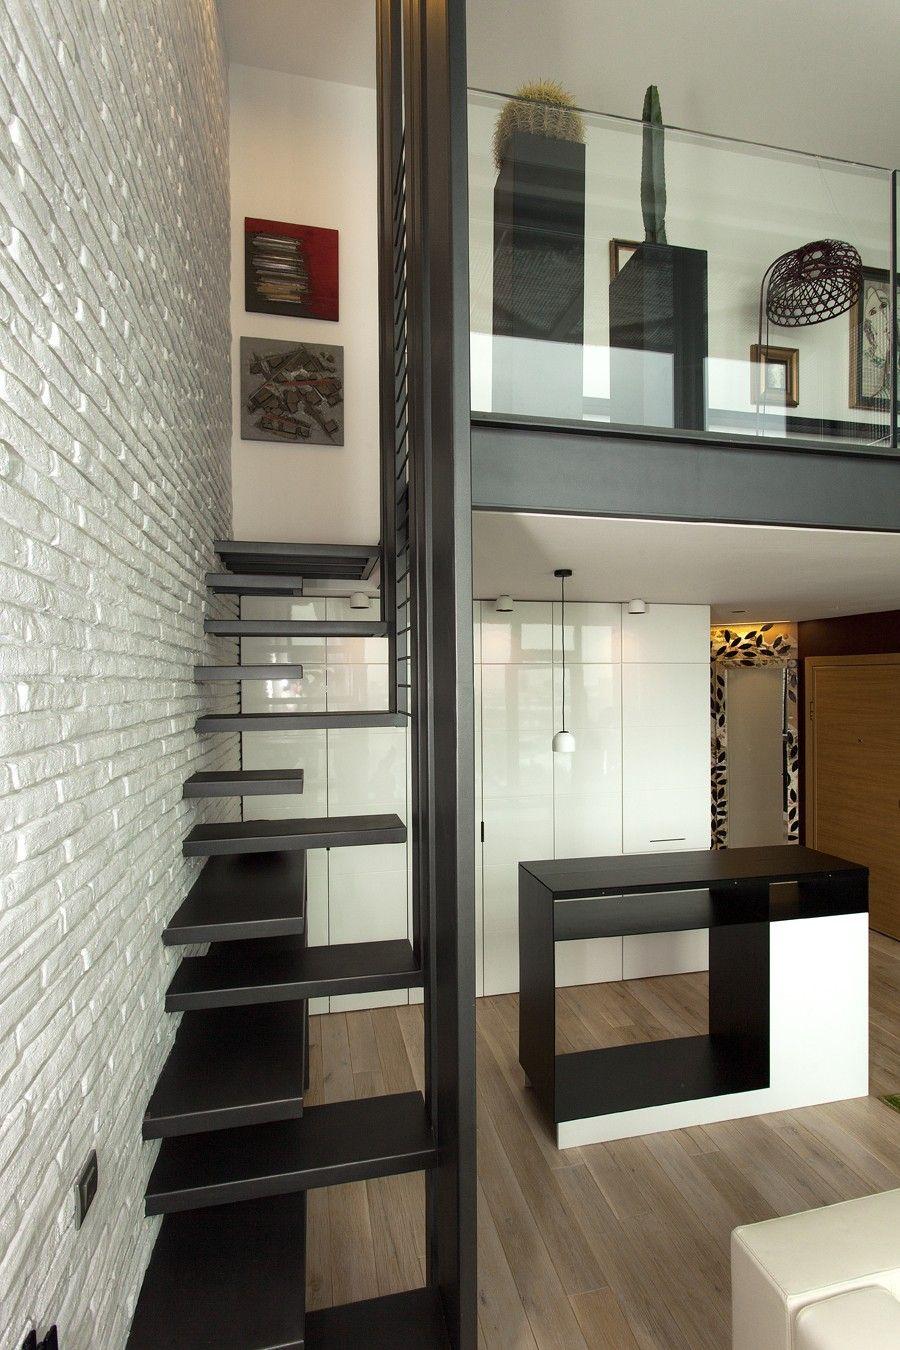 Maison Decor Tin Ceilings: Pin By ENCREA On ESCALIERS A PAS JAPONAIS / ECHELLES DE